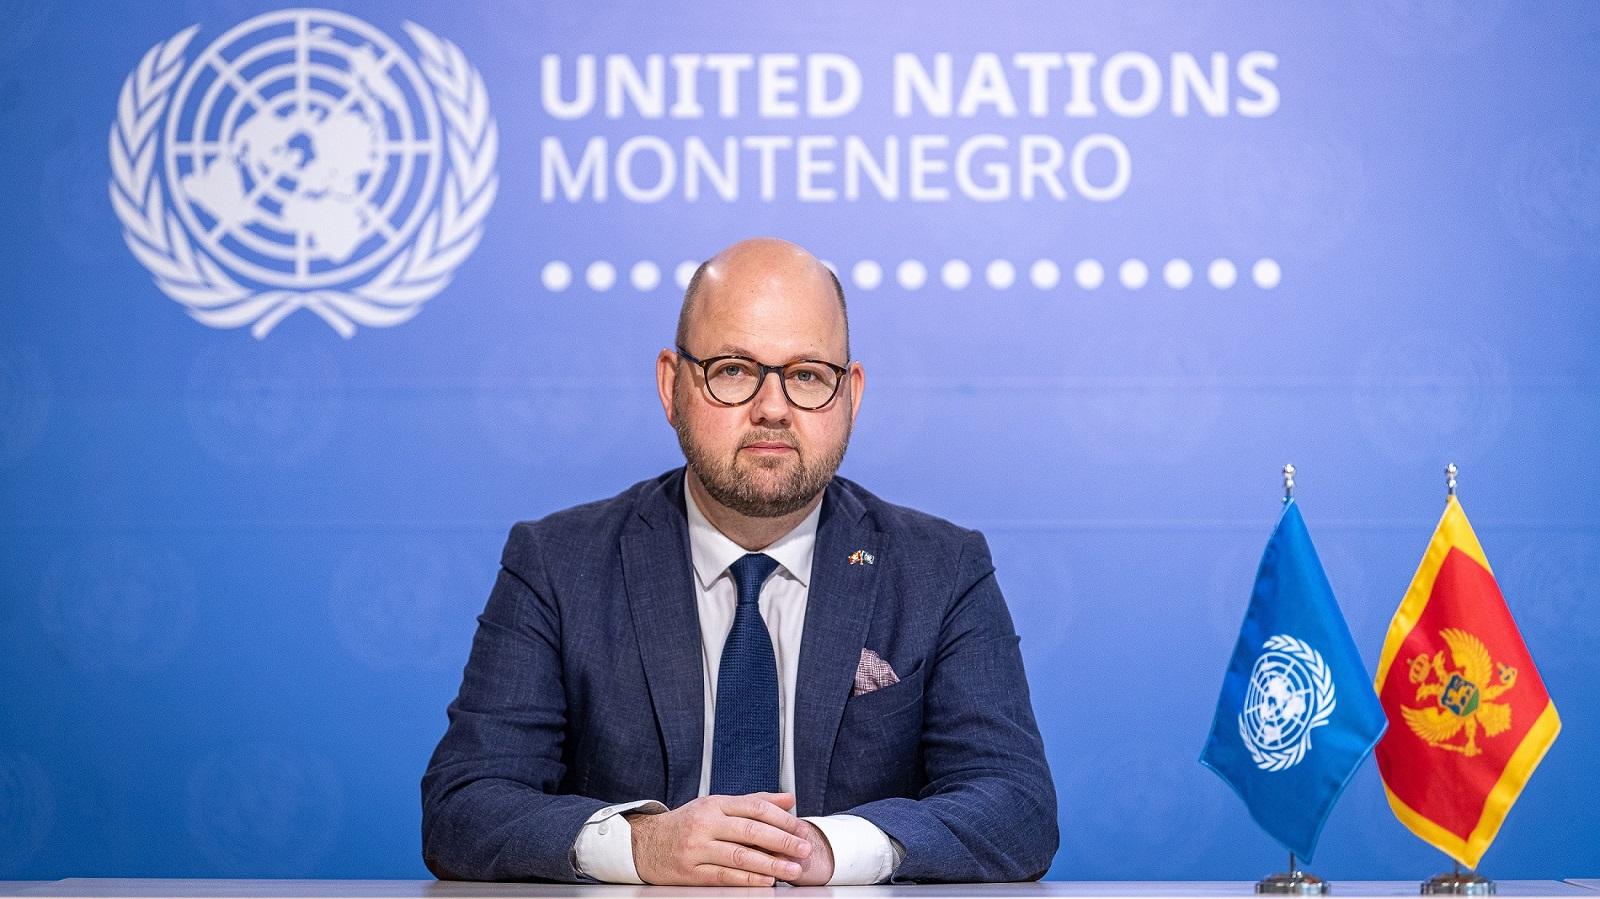 UN Resident Coordinator in Montenegro Peter Lundberg